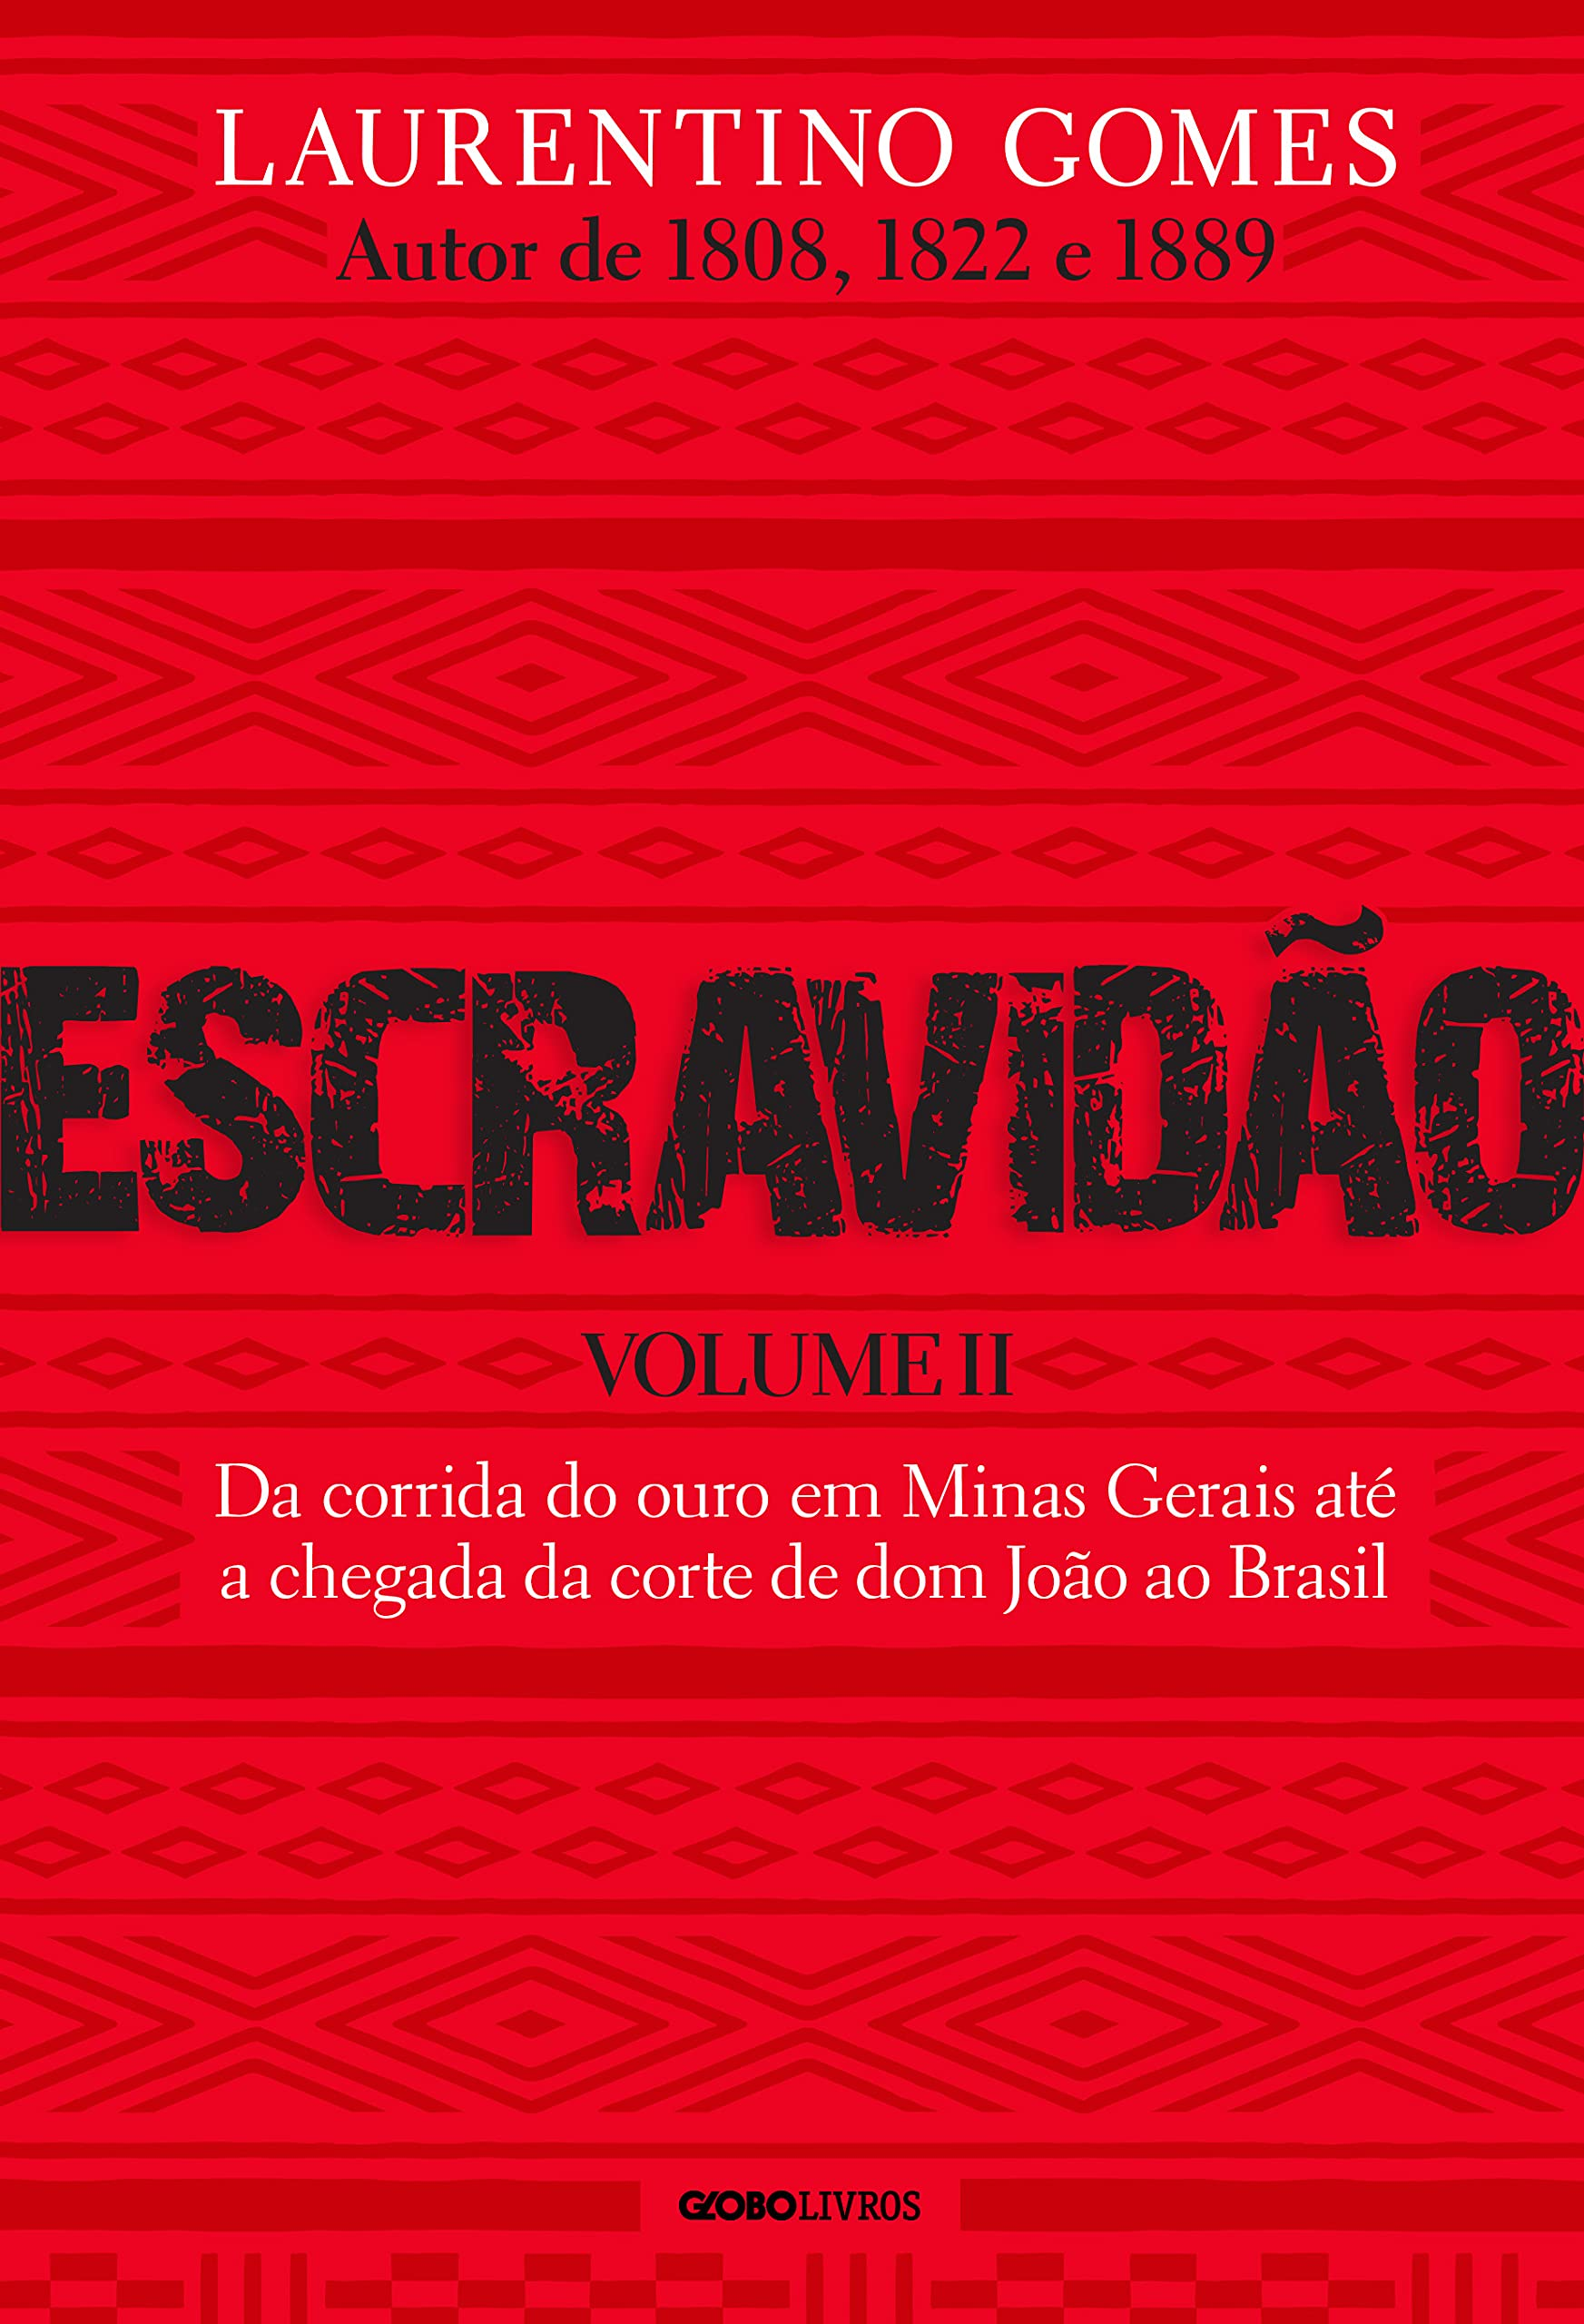 Escravidão - Vol. 2: Da corrida do ouro em Minas Gerais até a chegada da corte de Dom João ao Brasil